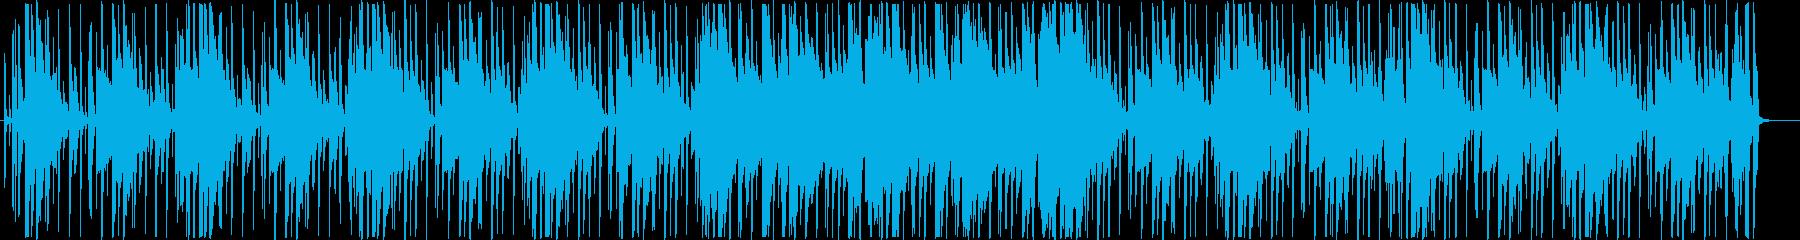 お洒落な雰囲気のチルアウトHIPHOPの再生済みの波形